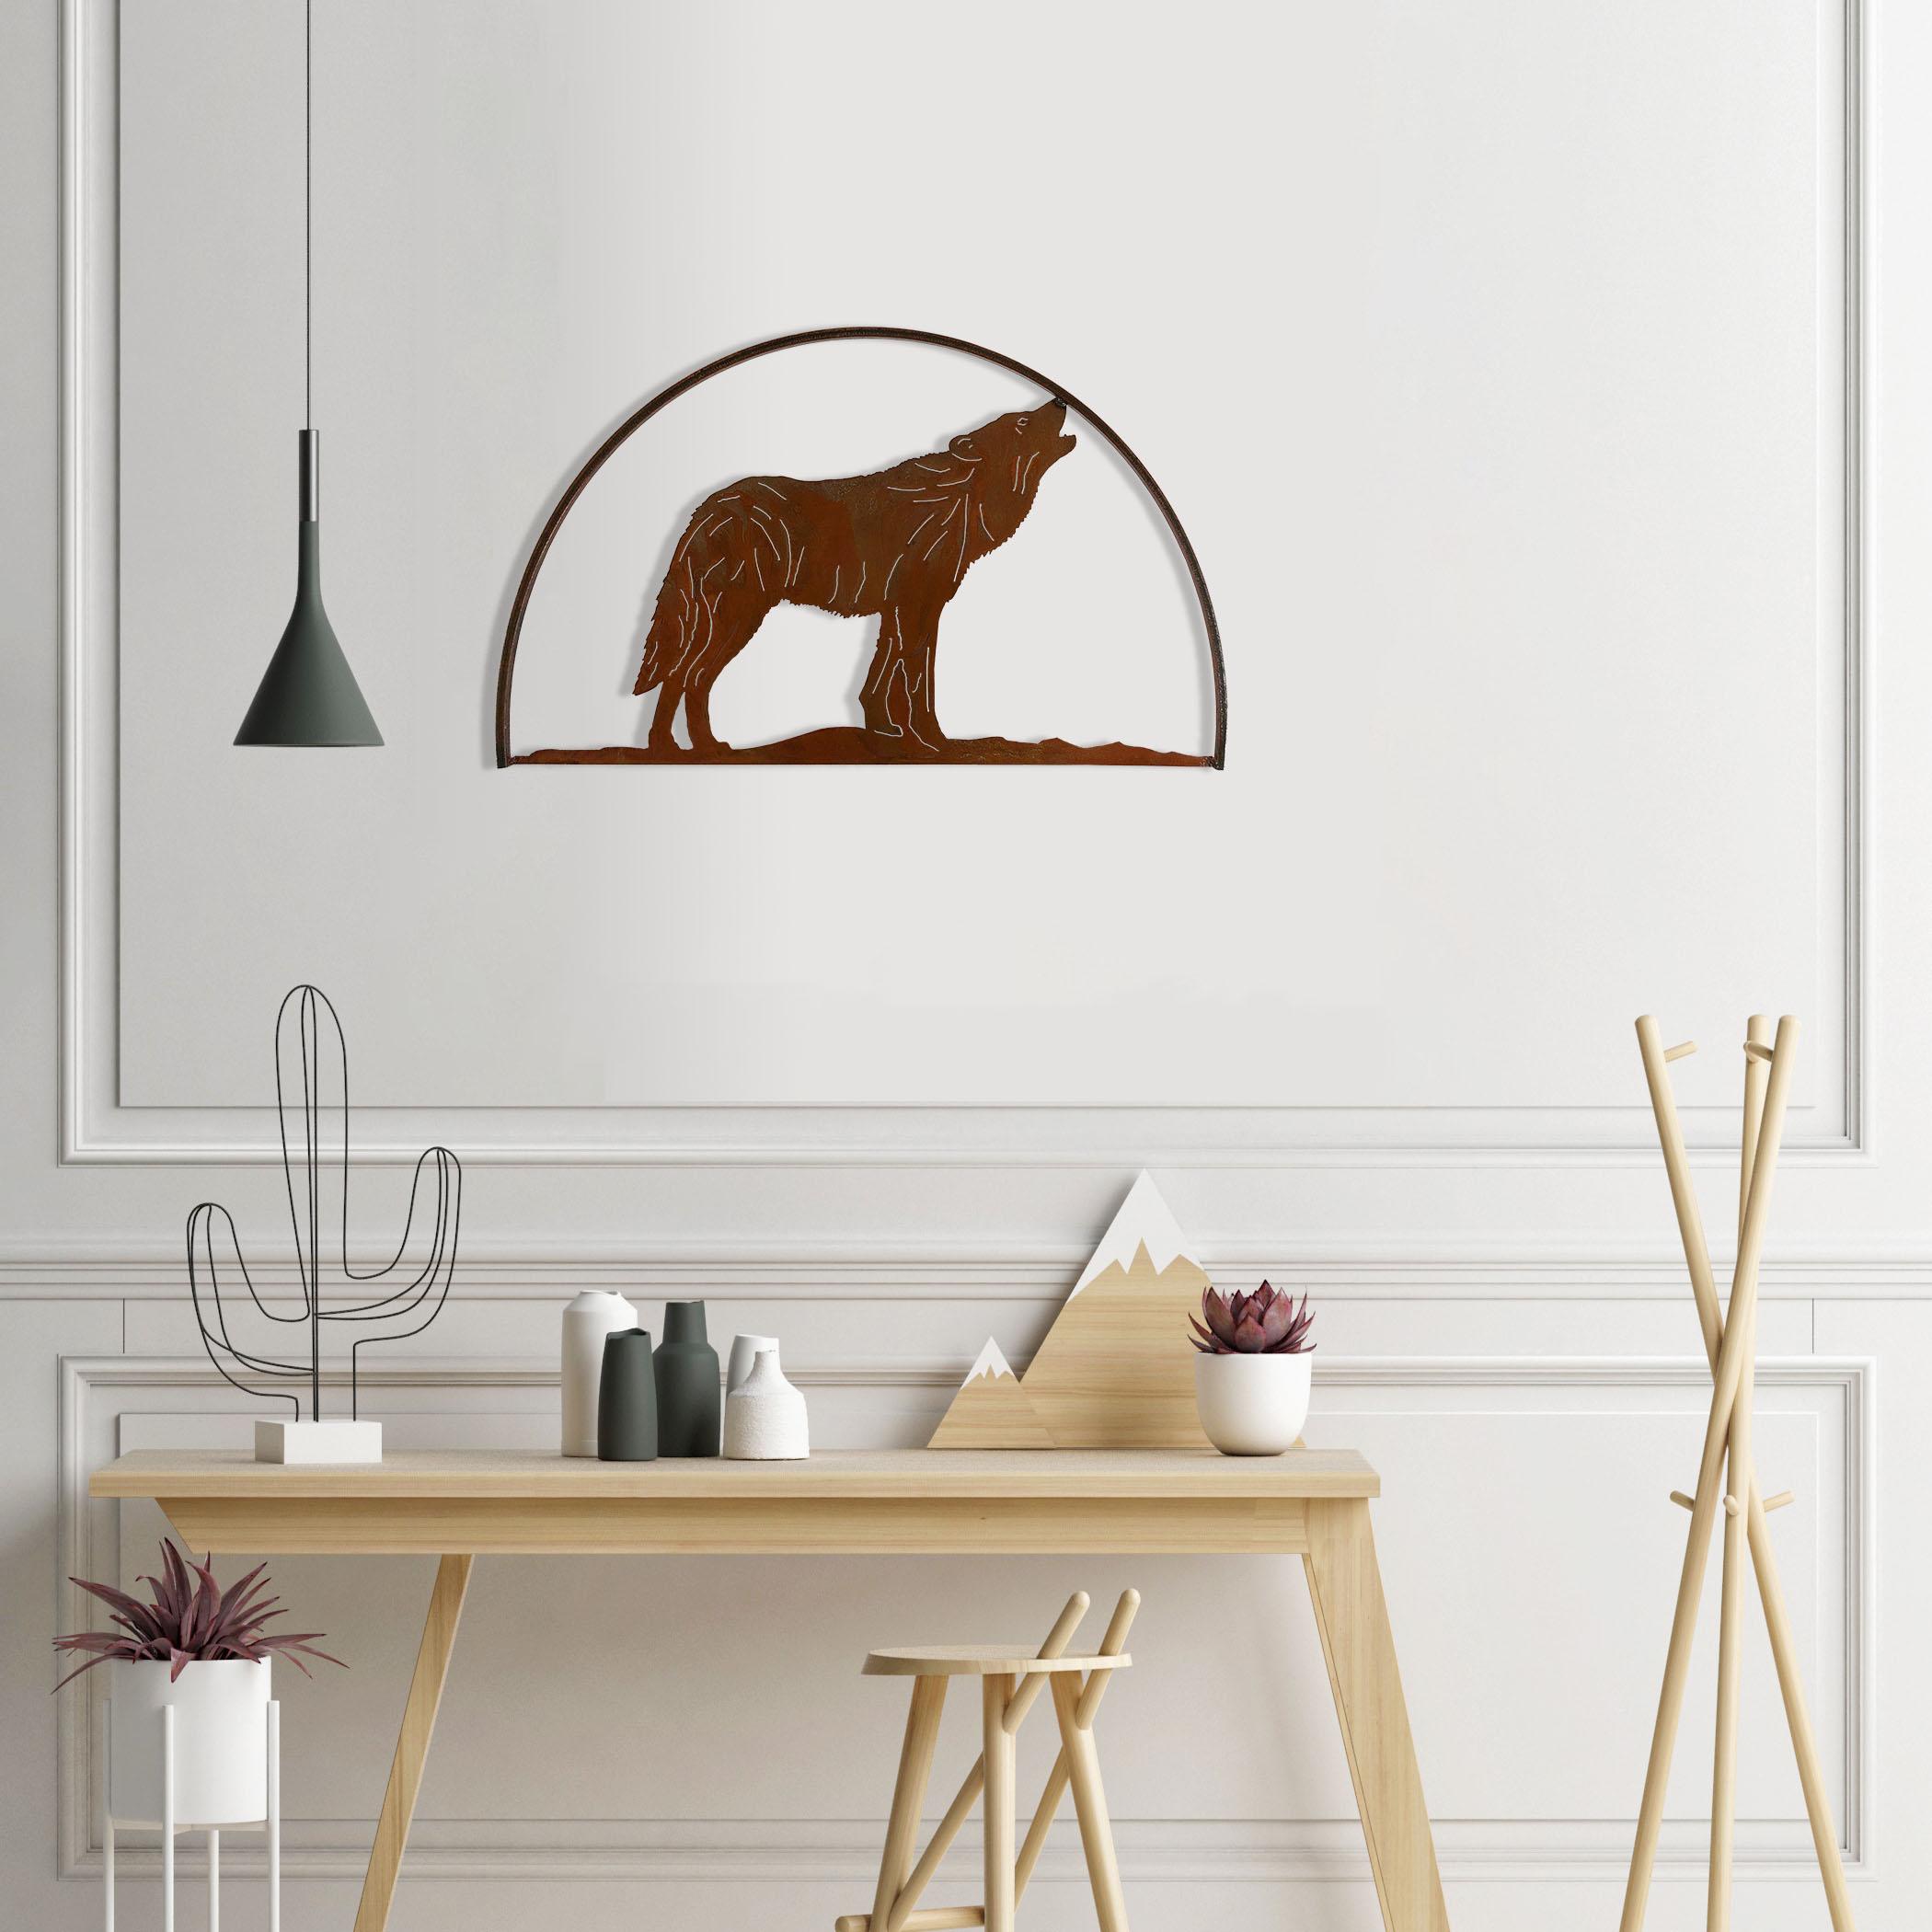 rust-wolf-hoop-over-desk